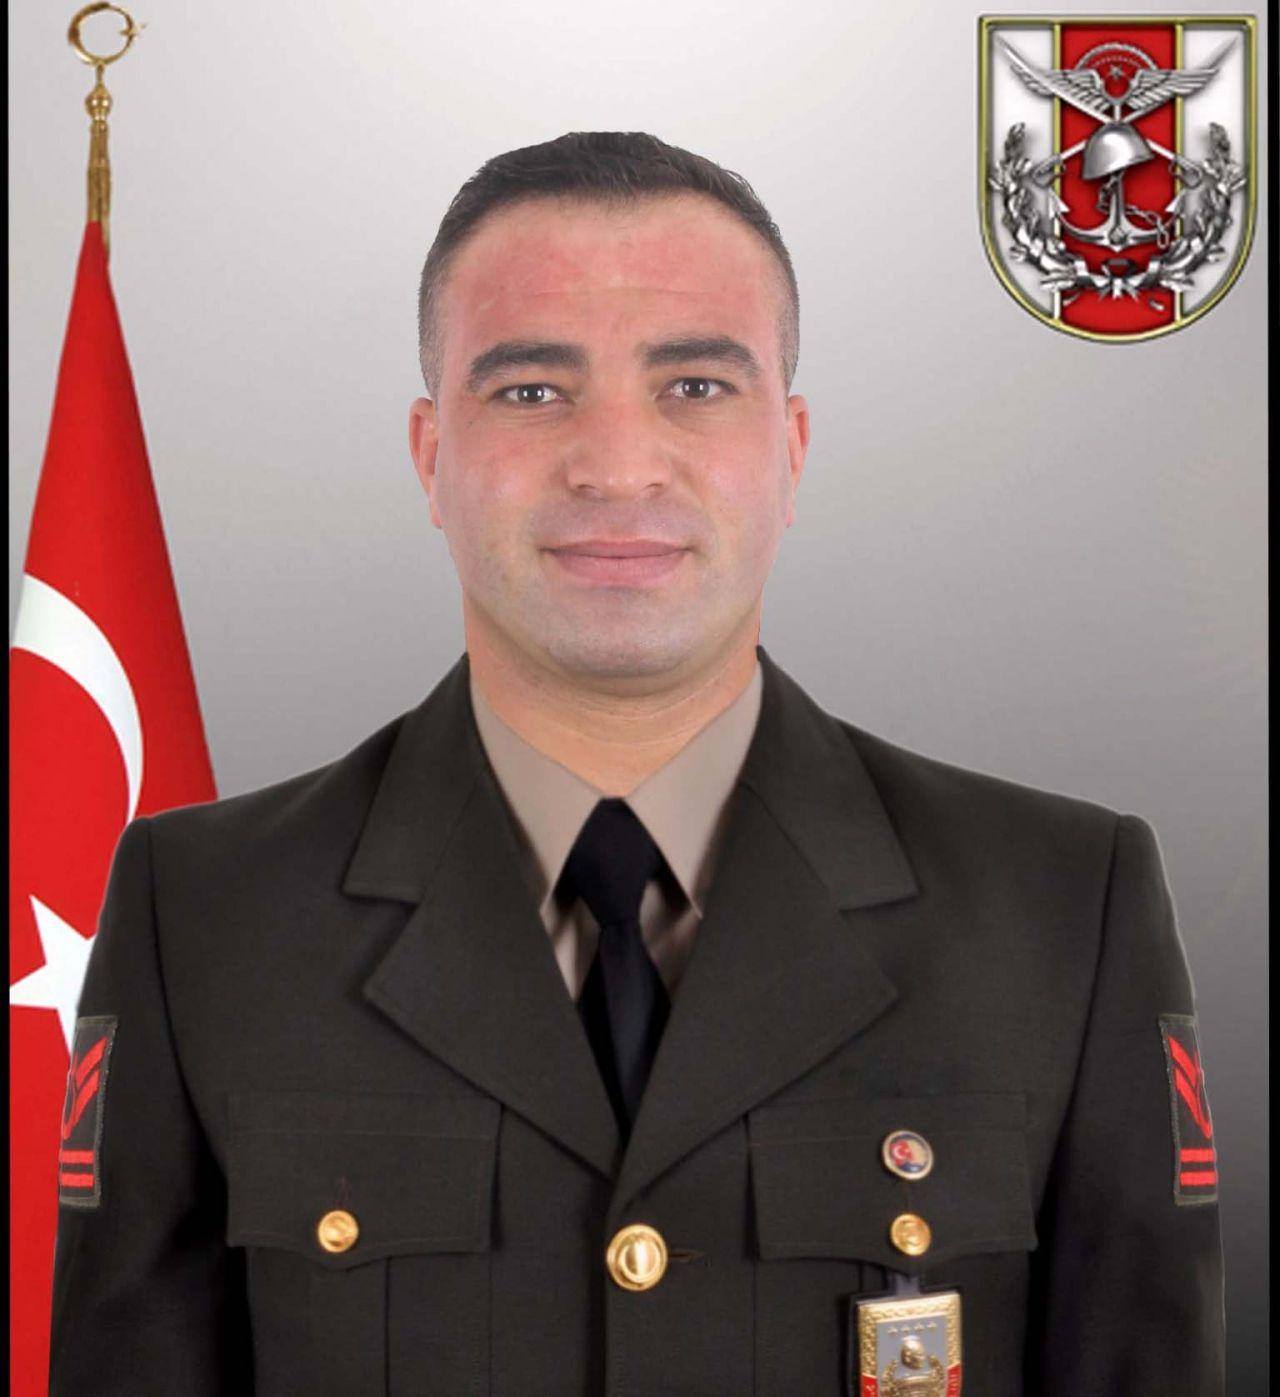 Suriye'de şehit düşen Uzman Çavuş Muammer Yiğit'in naaşı memleketi Tokat'a uğurlandı